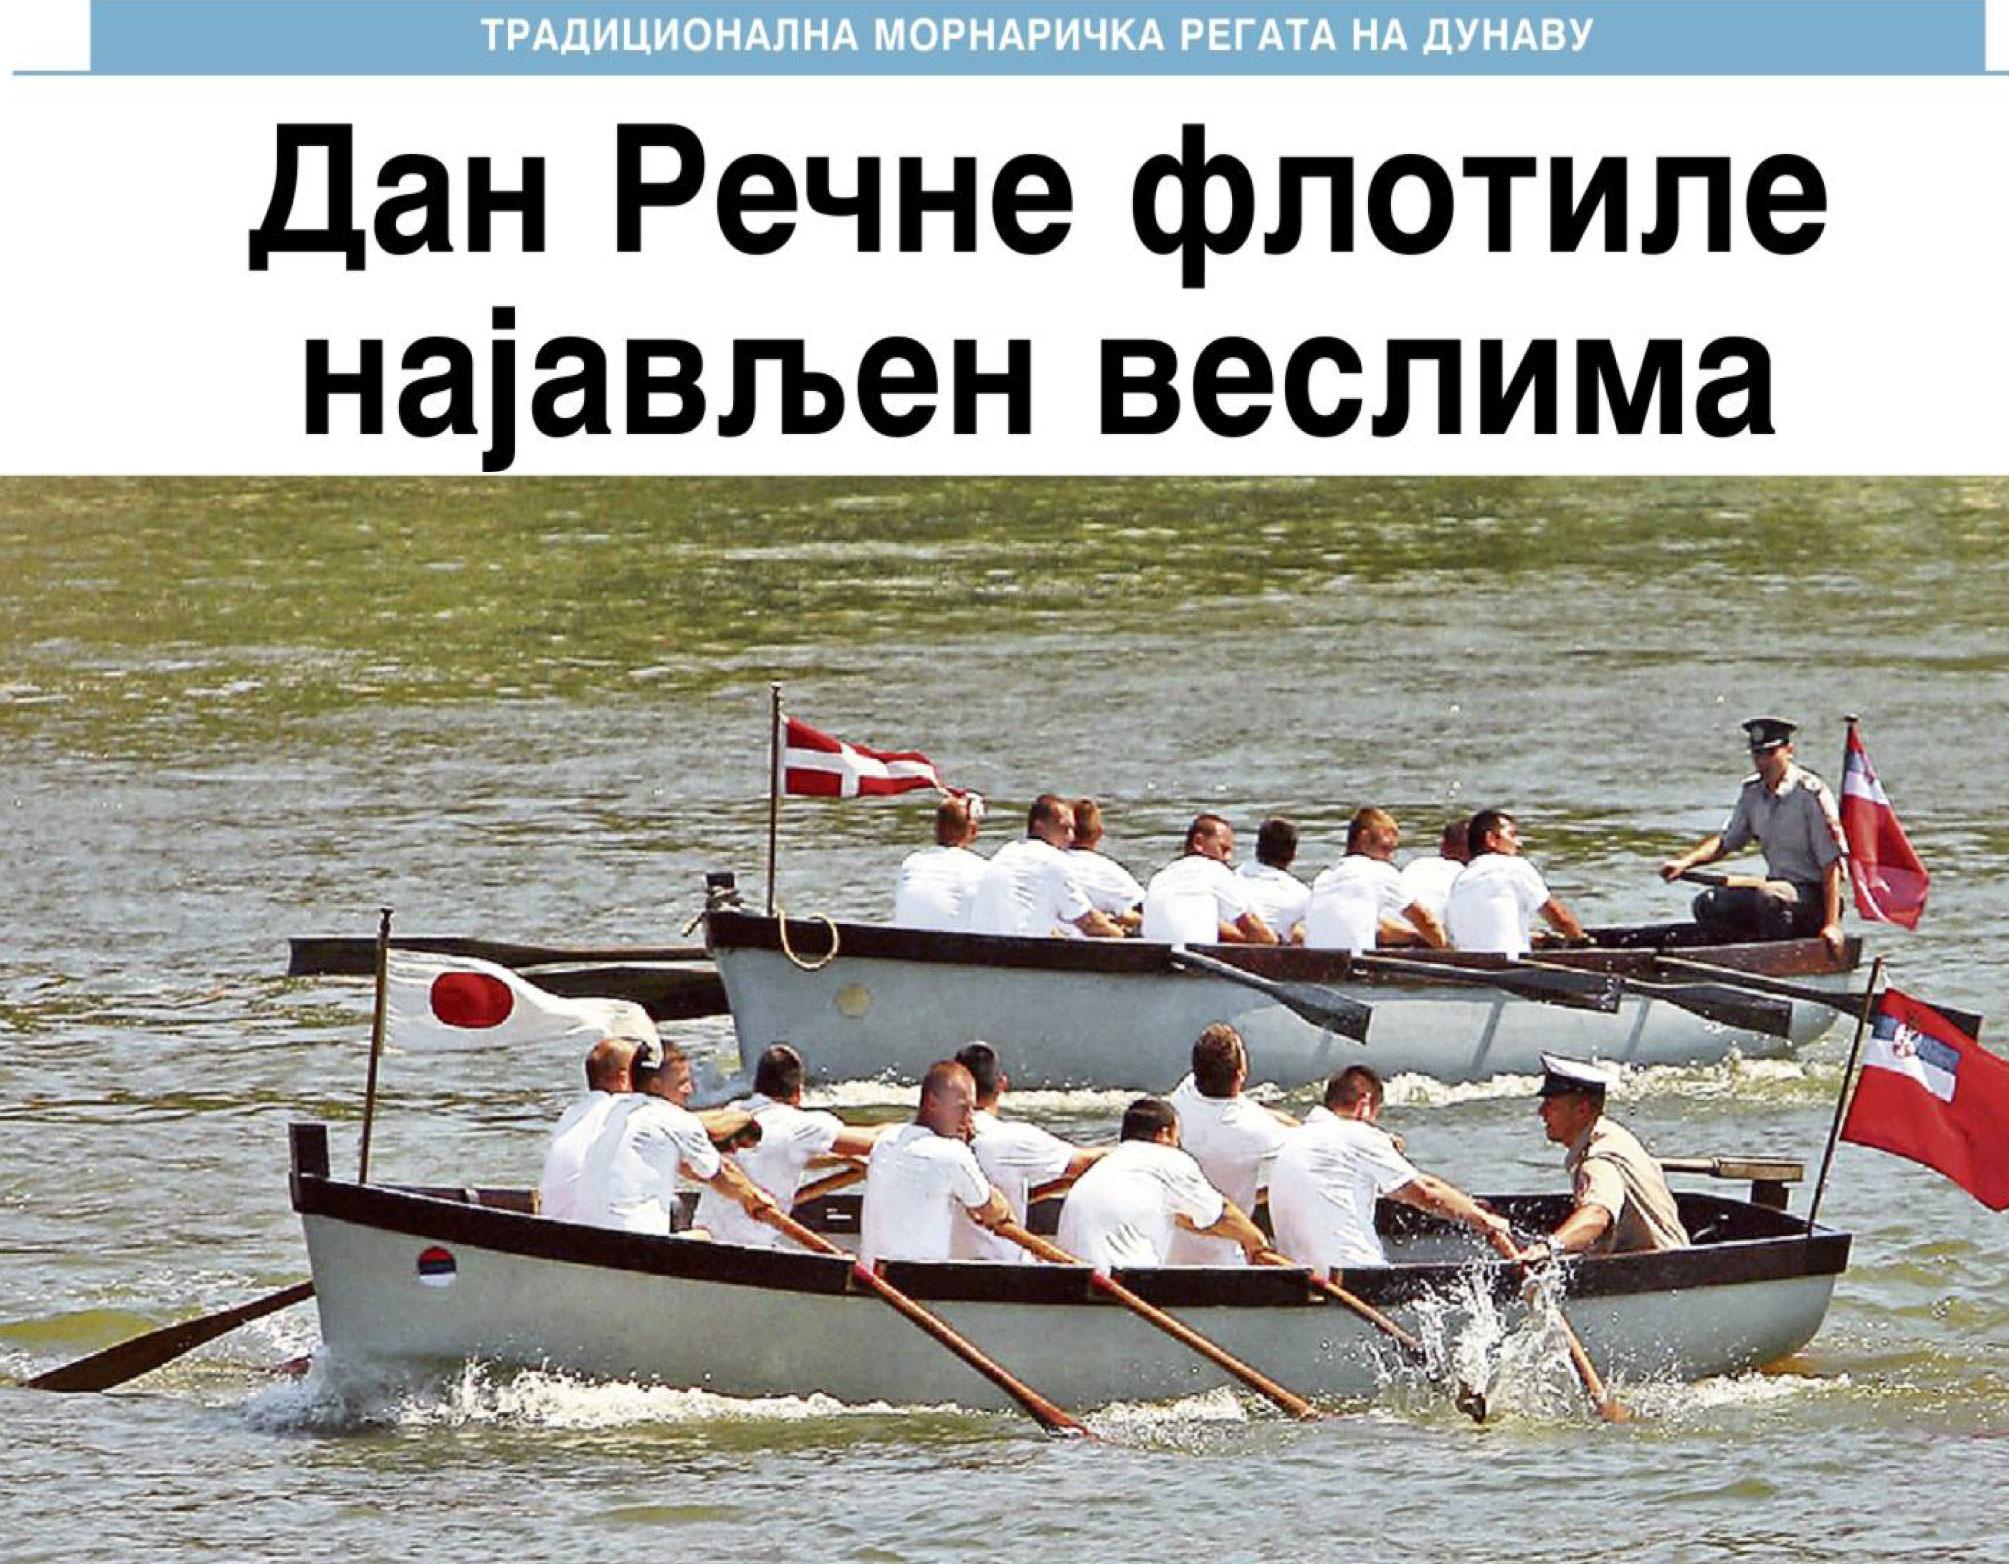 Dan Rečne flotile najavljen veslima